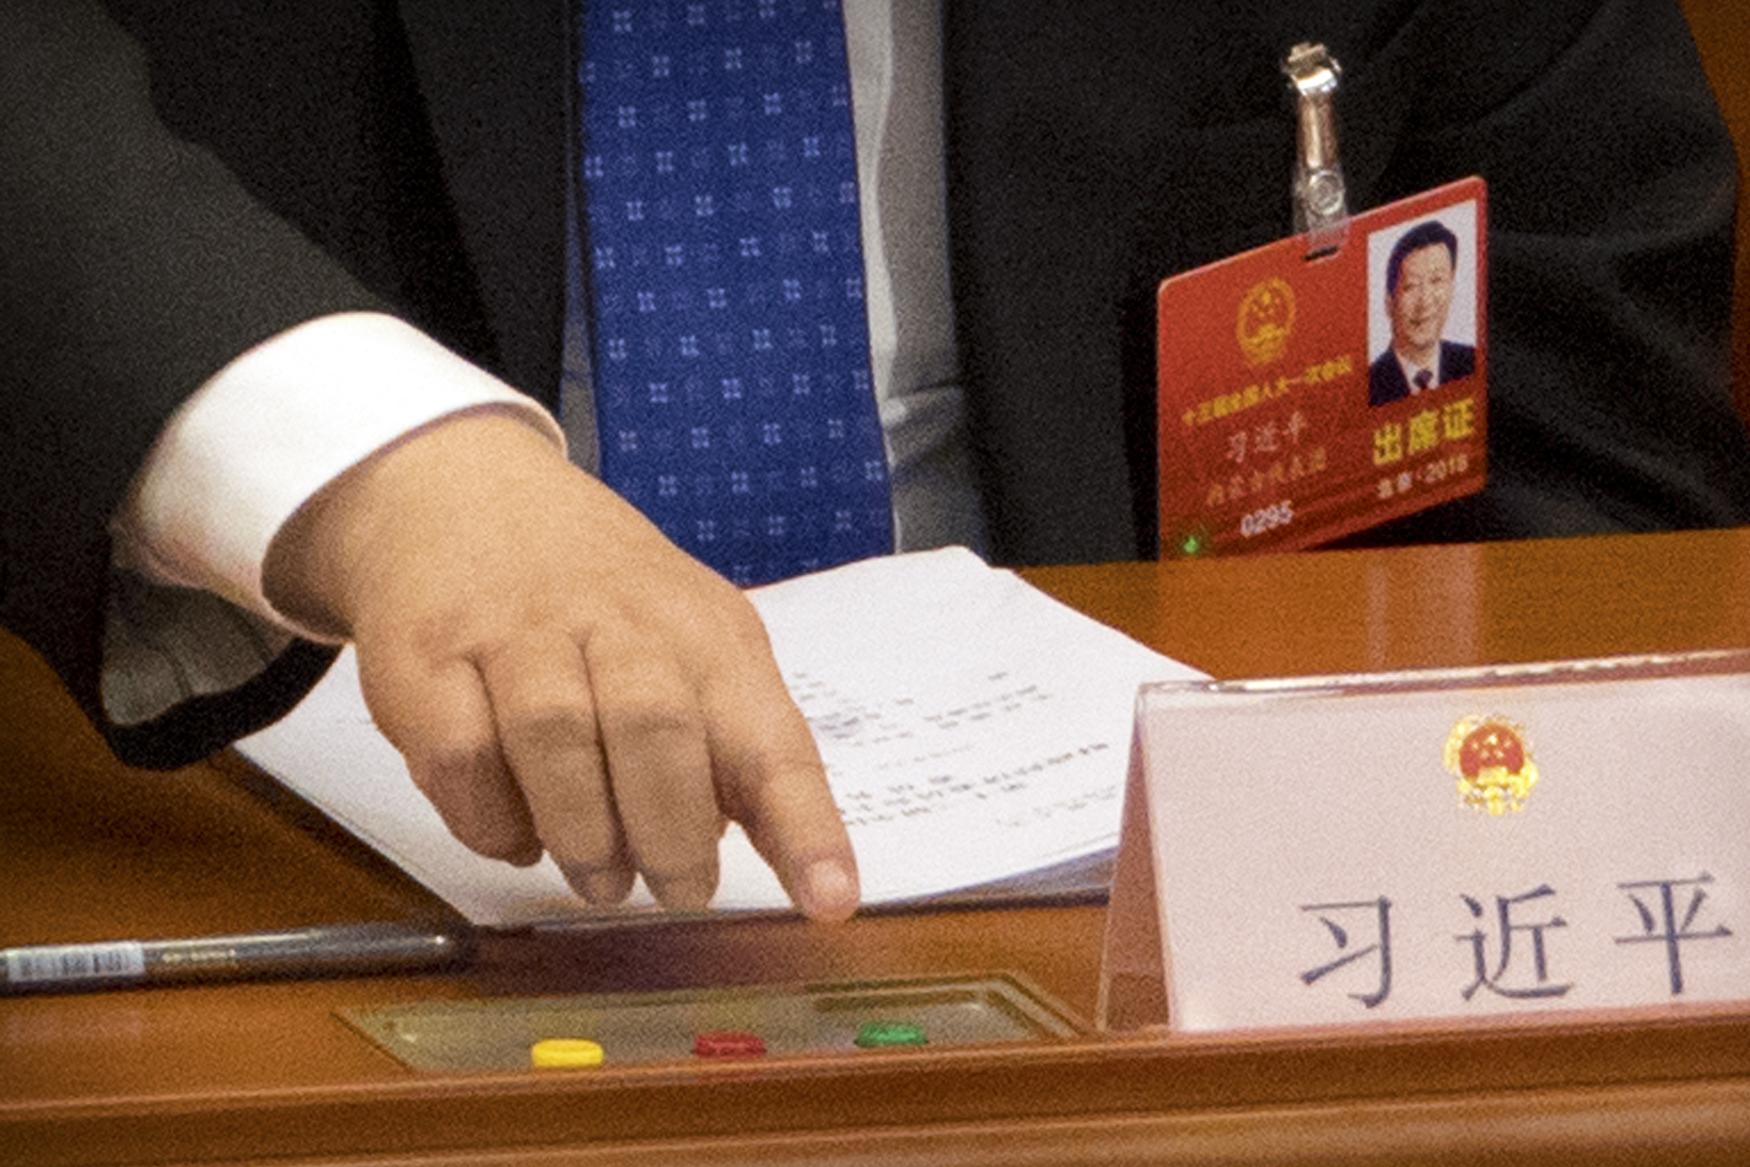 Mohutné tažení proti korupci spustil na začátku svého prvního volebního období prezident Si Ťin-pching